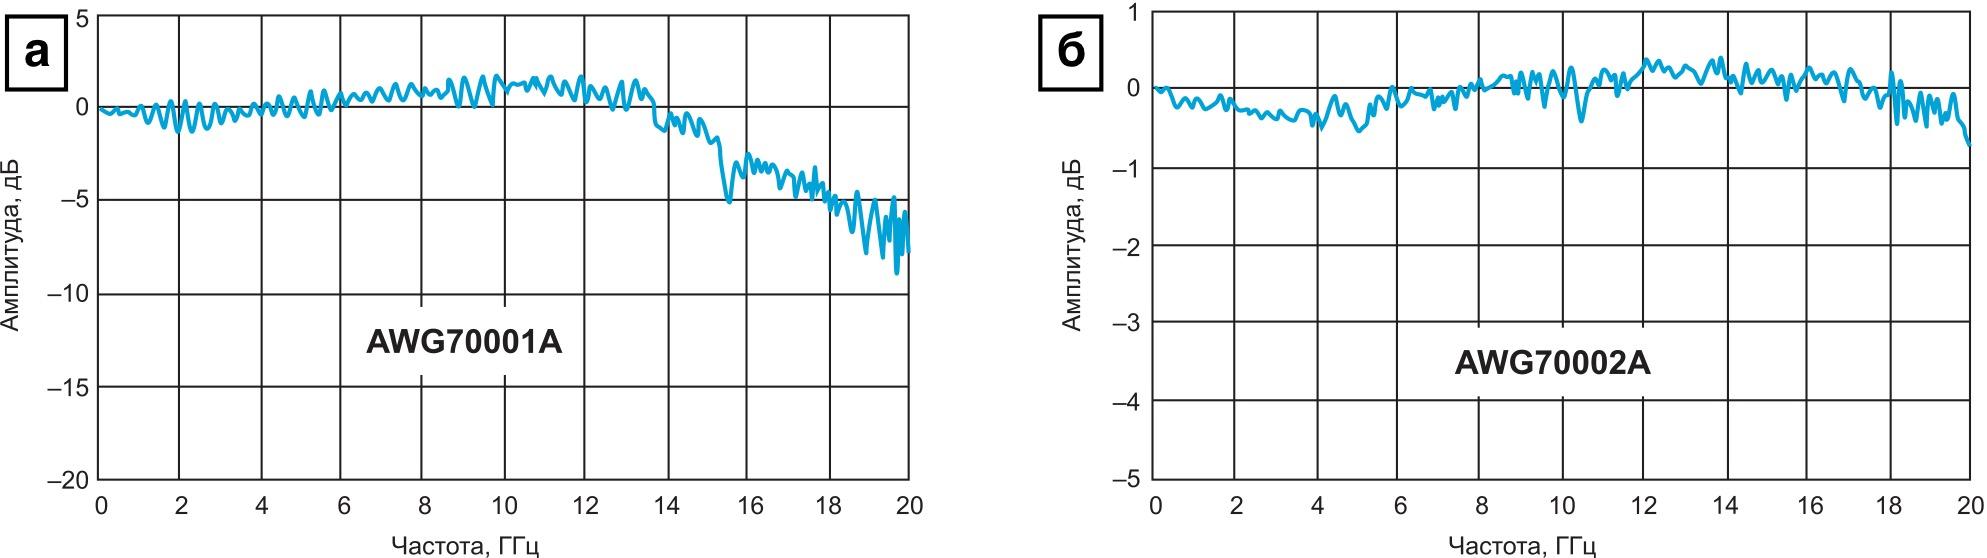 Спектр скорректированного сигнала генераторов AWG70001A и AWG70002A